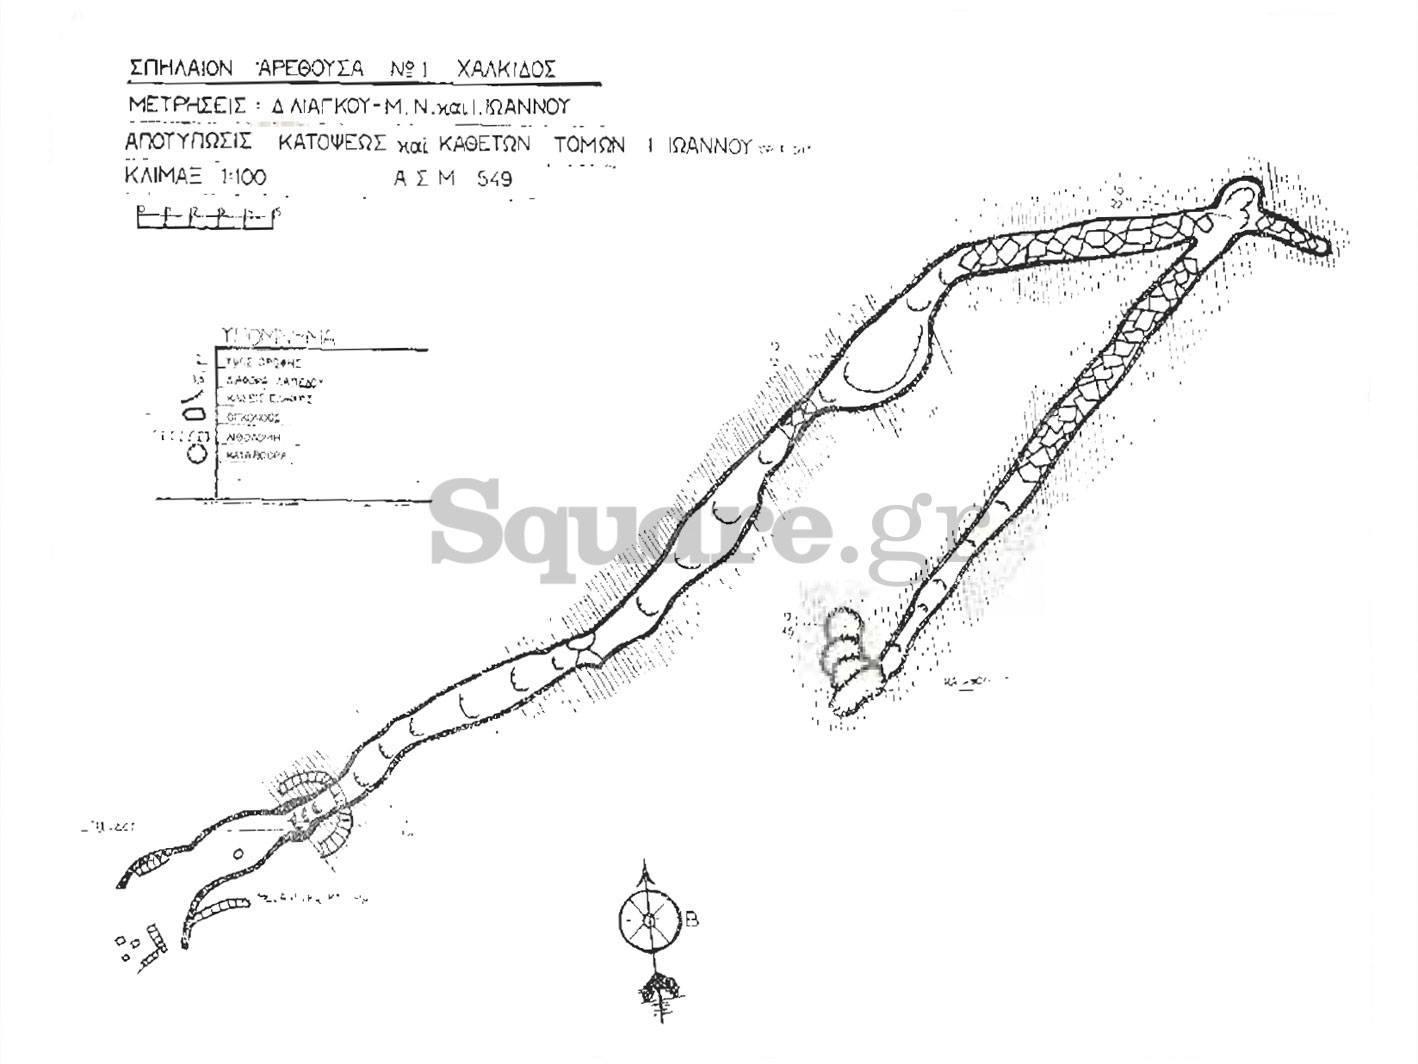 8-φωτό-Κάτοψη-της-Σπηλιάς-στην-Αρέθουσα-Δελτίο-Σπηλαιολογικής-Εταιρίας-1971